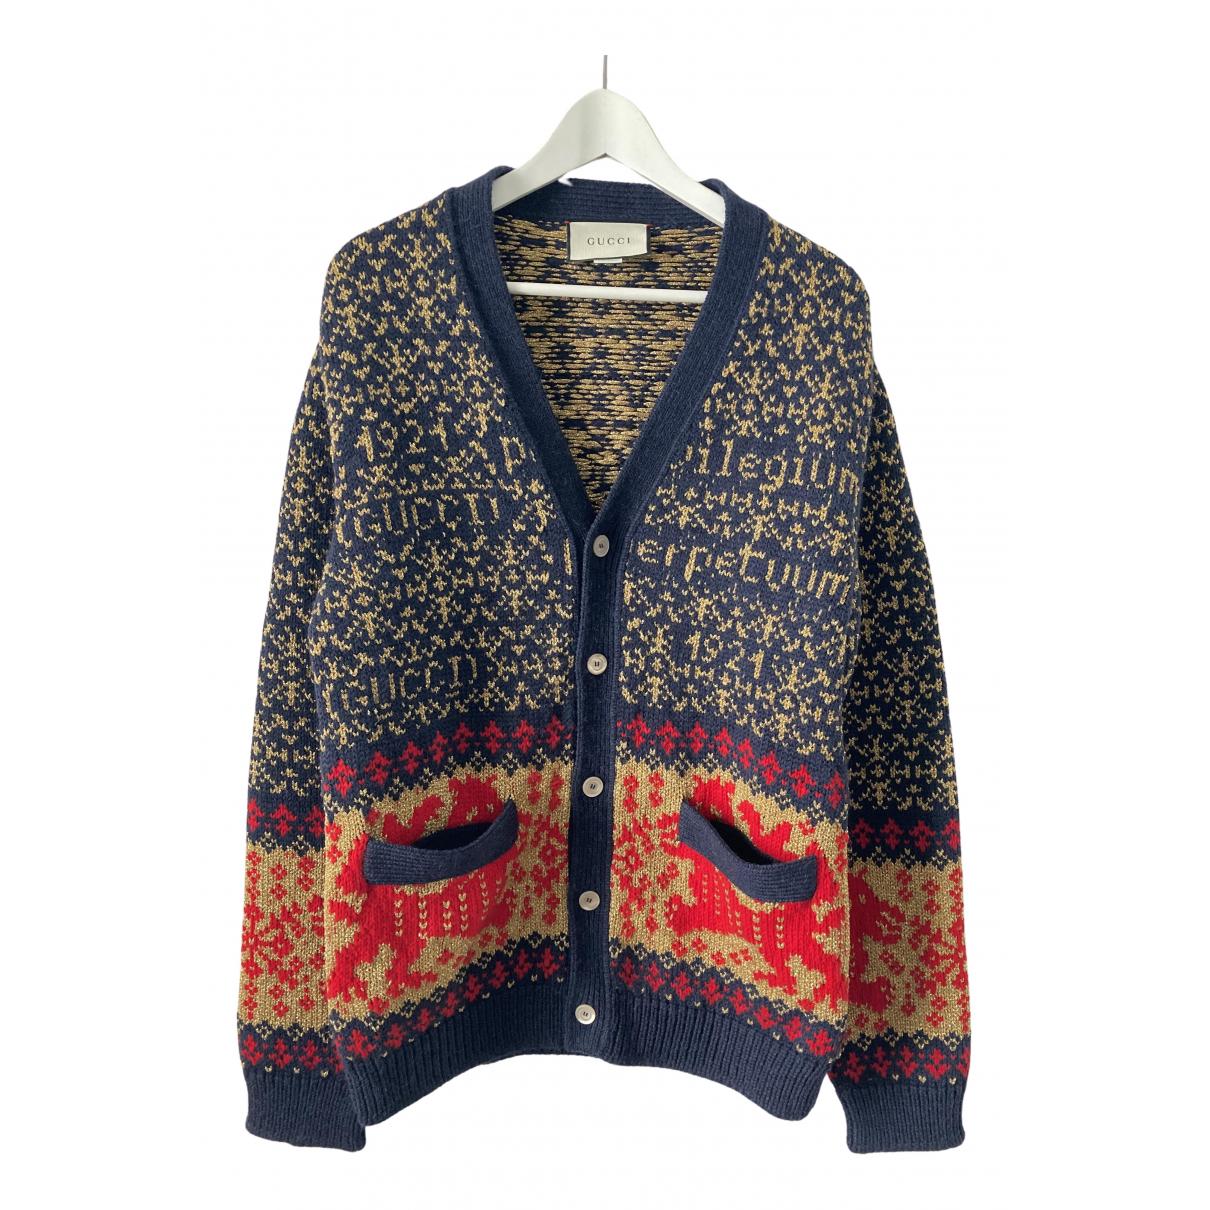 Gucci N Multicolour Wool Knitwear & Sweatshirts for Men S International